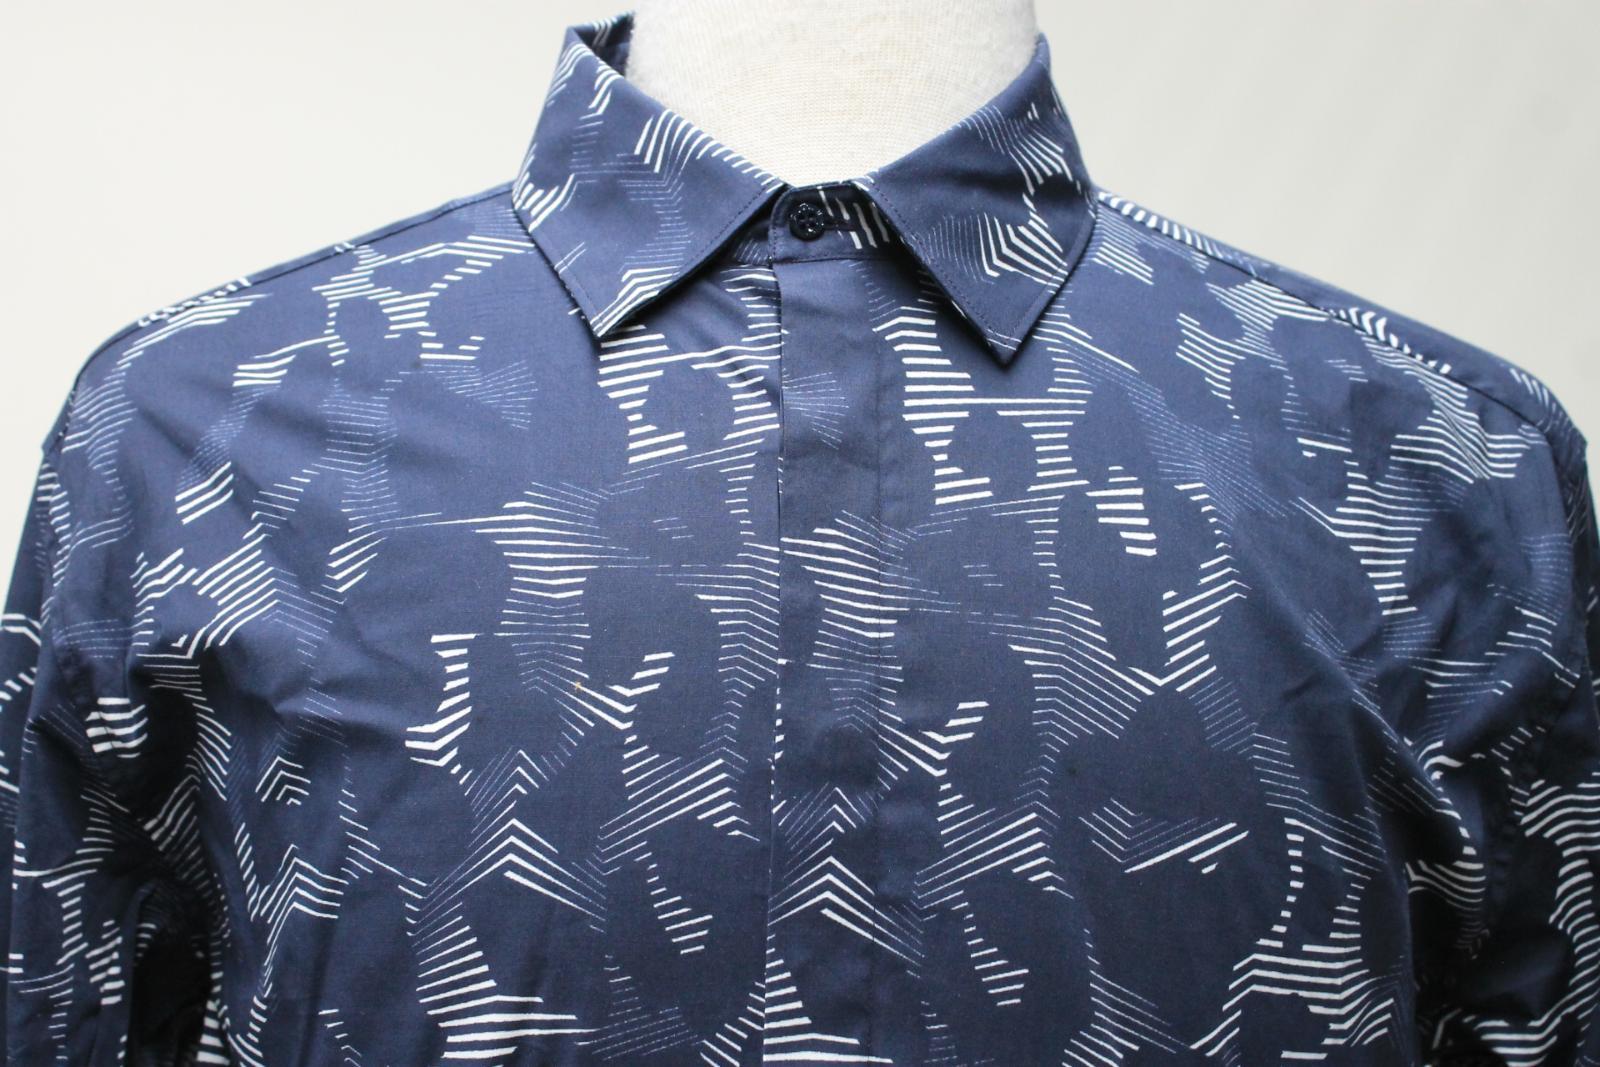 Neil-Barrett-Para-Hombre-Calce-Cenido-Estampado-Abstracto-Algodon-Azul-Con-Cuello-Camisa-16-5-034 miniatura 3